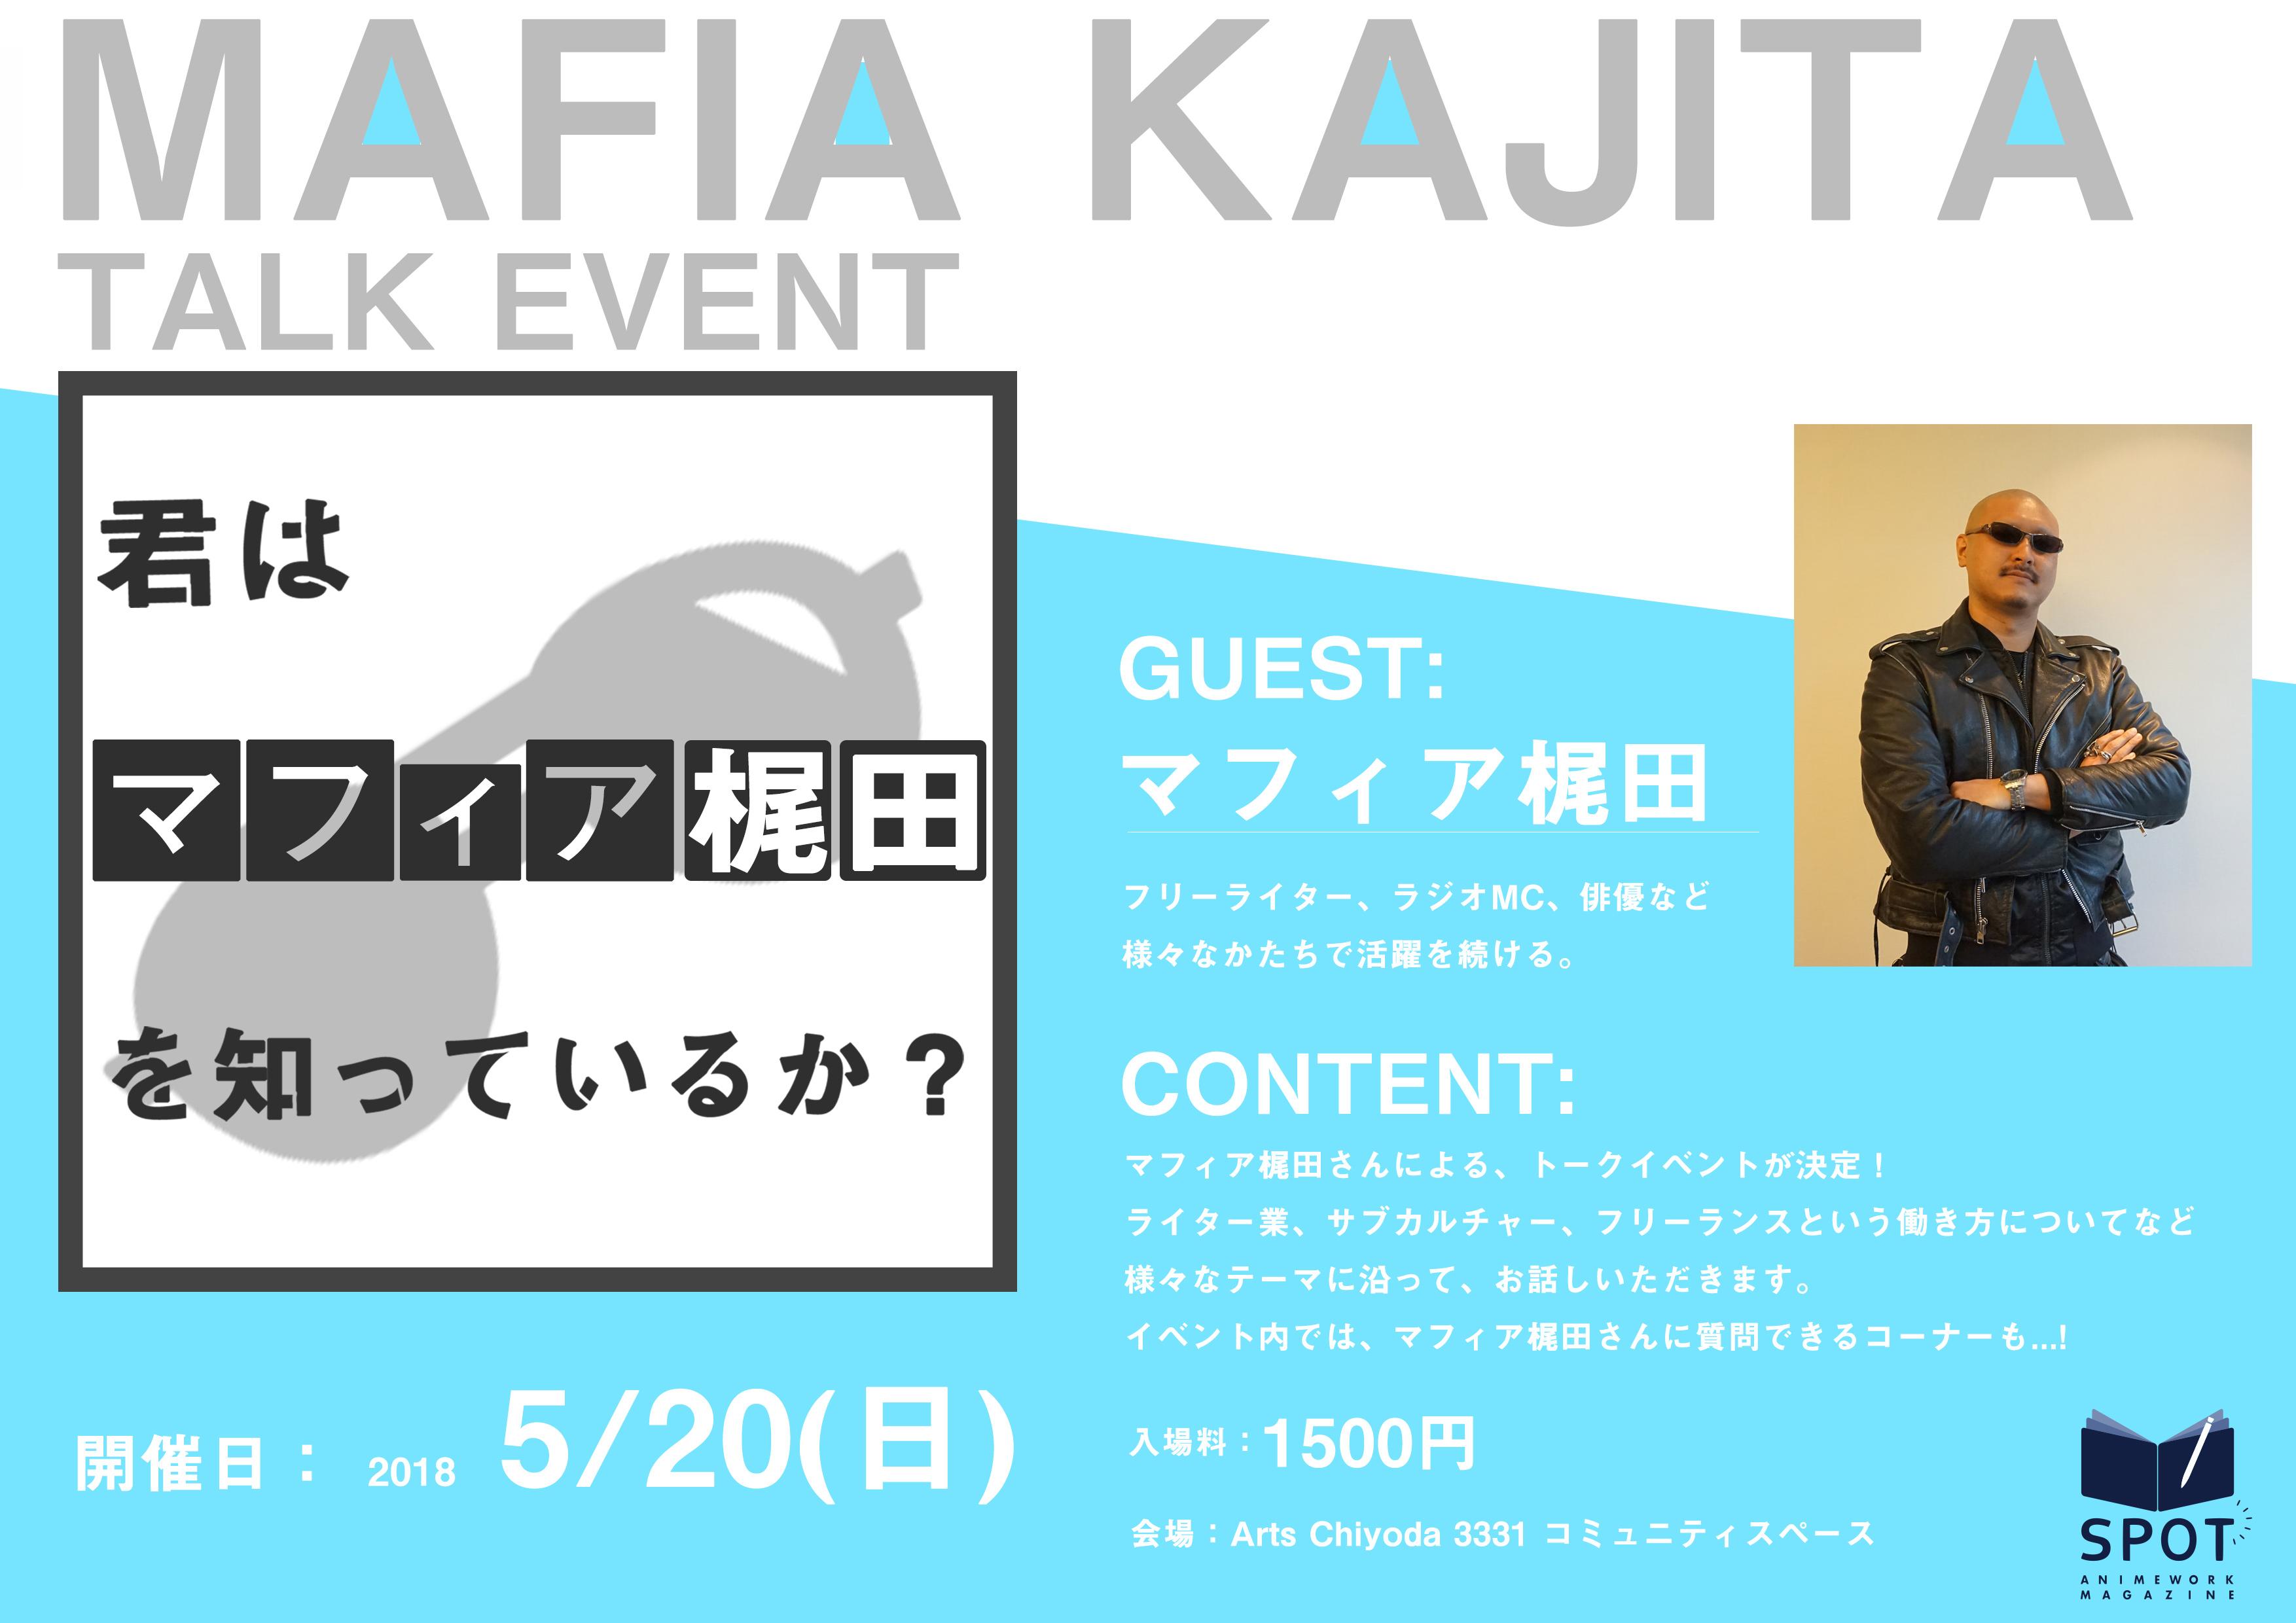 君はマフィア梶田を知っているか?